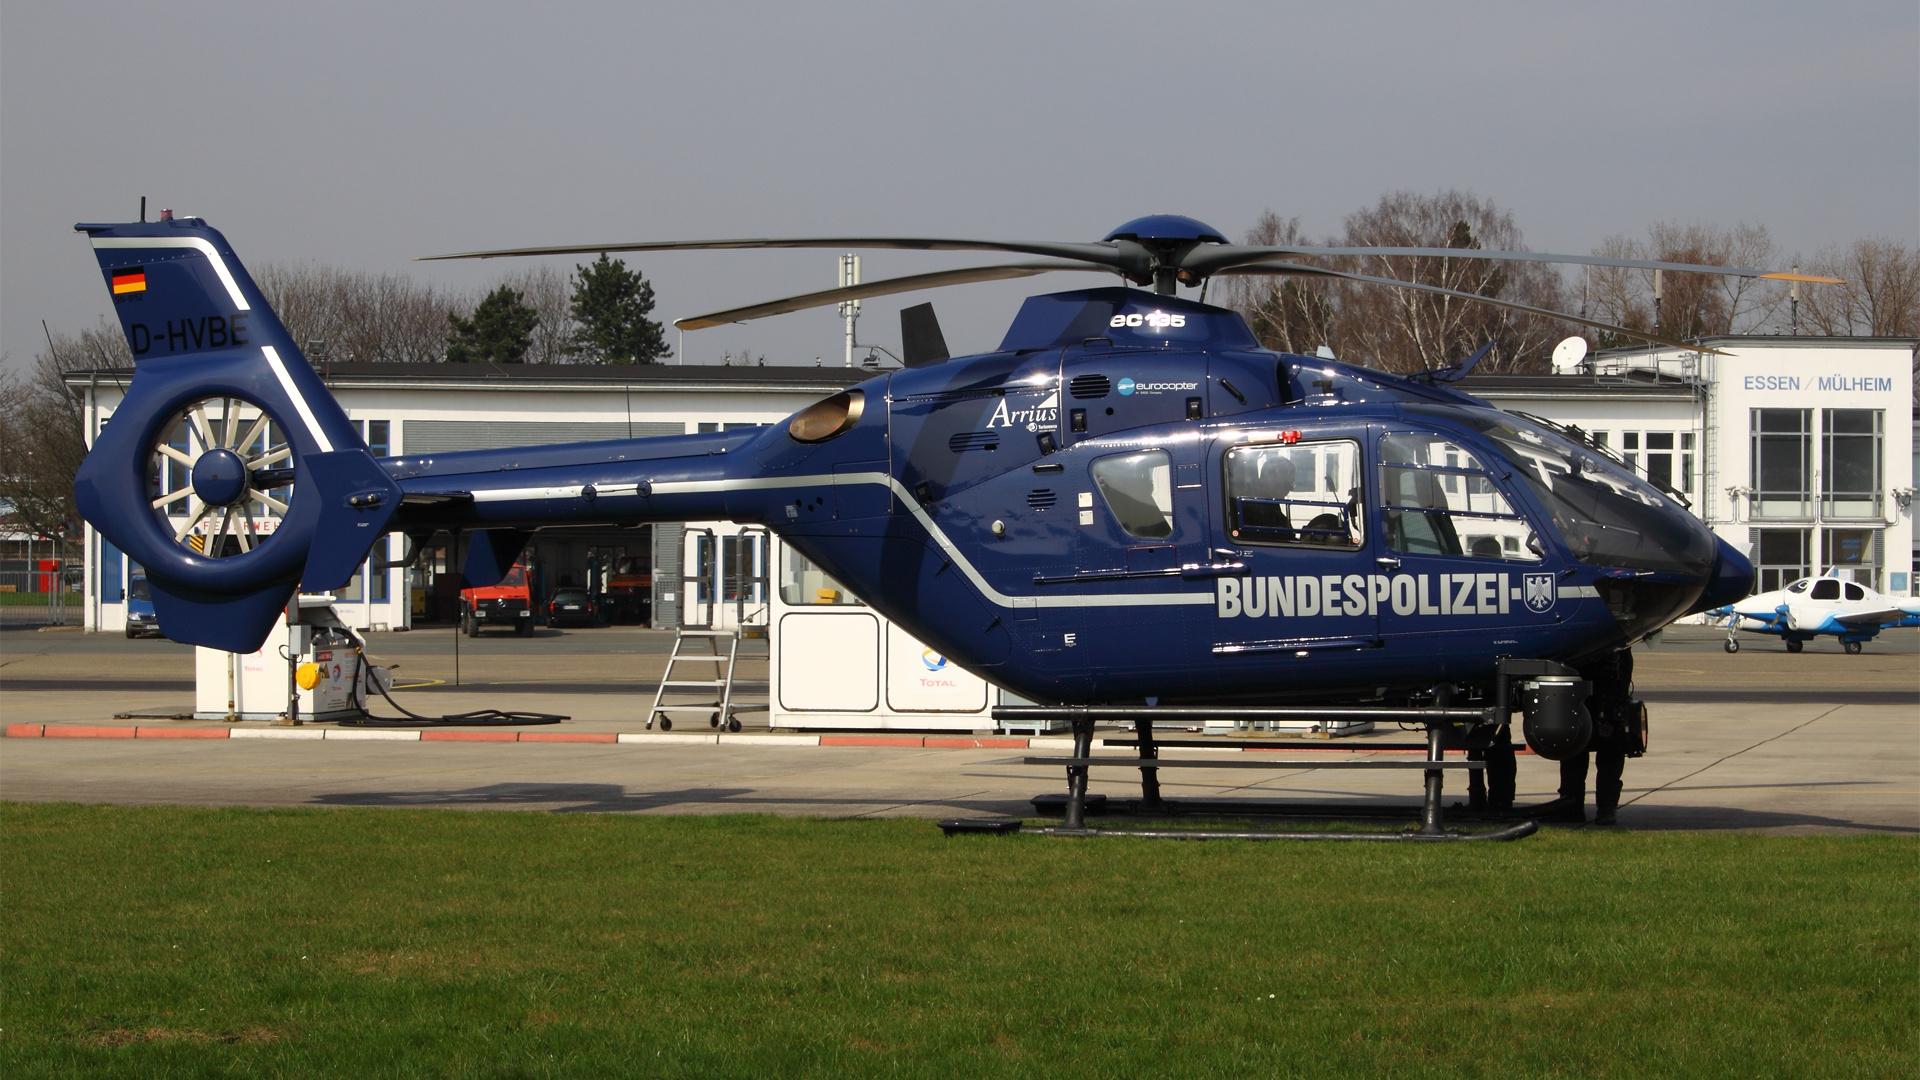 D-HVBE-1 EC135 ESS 201203